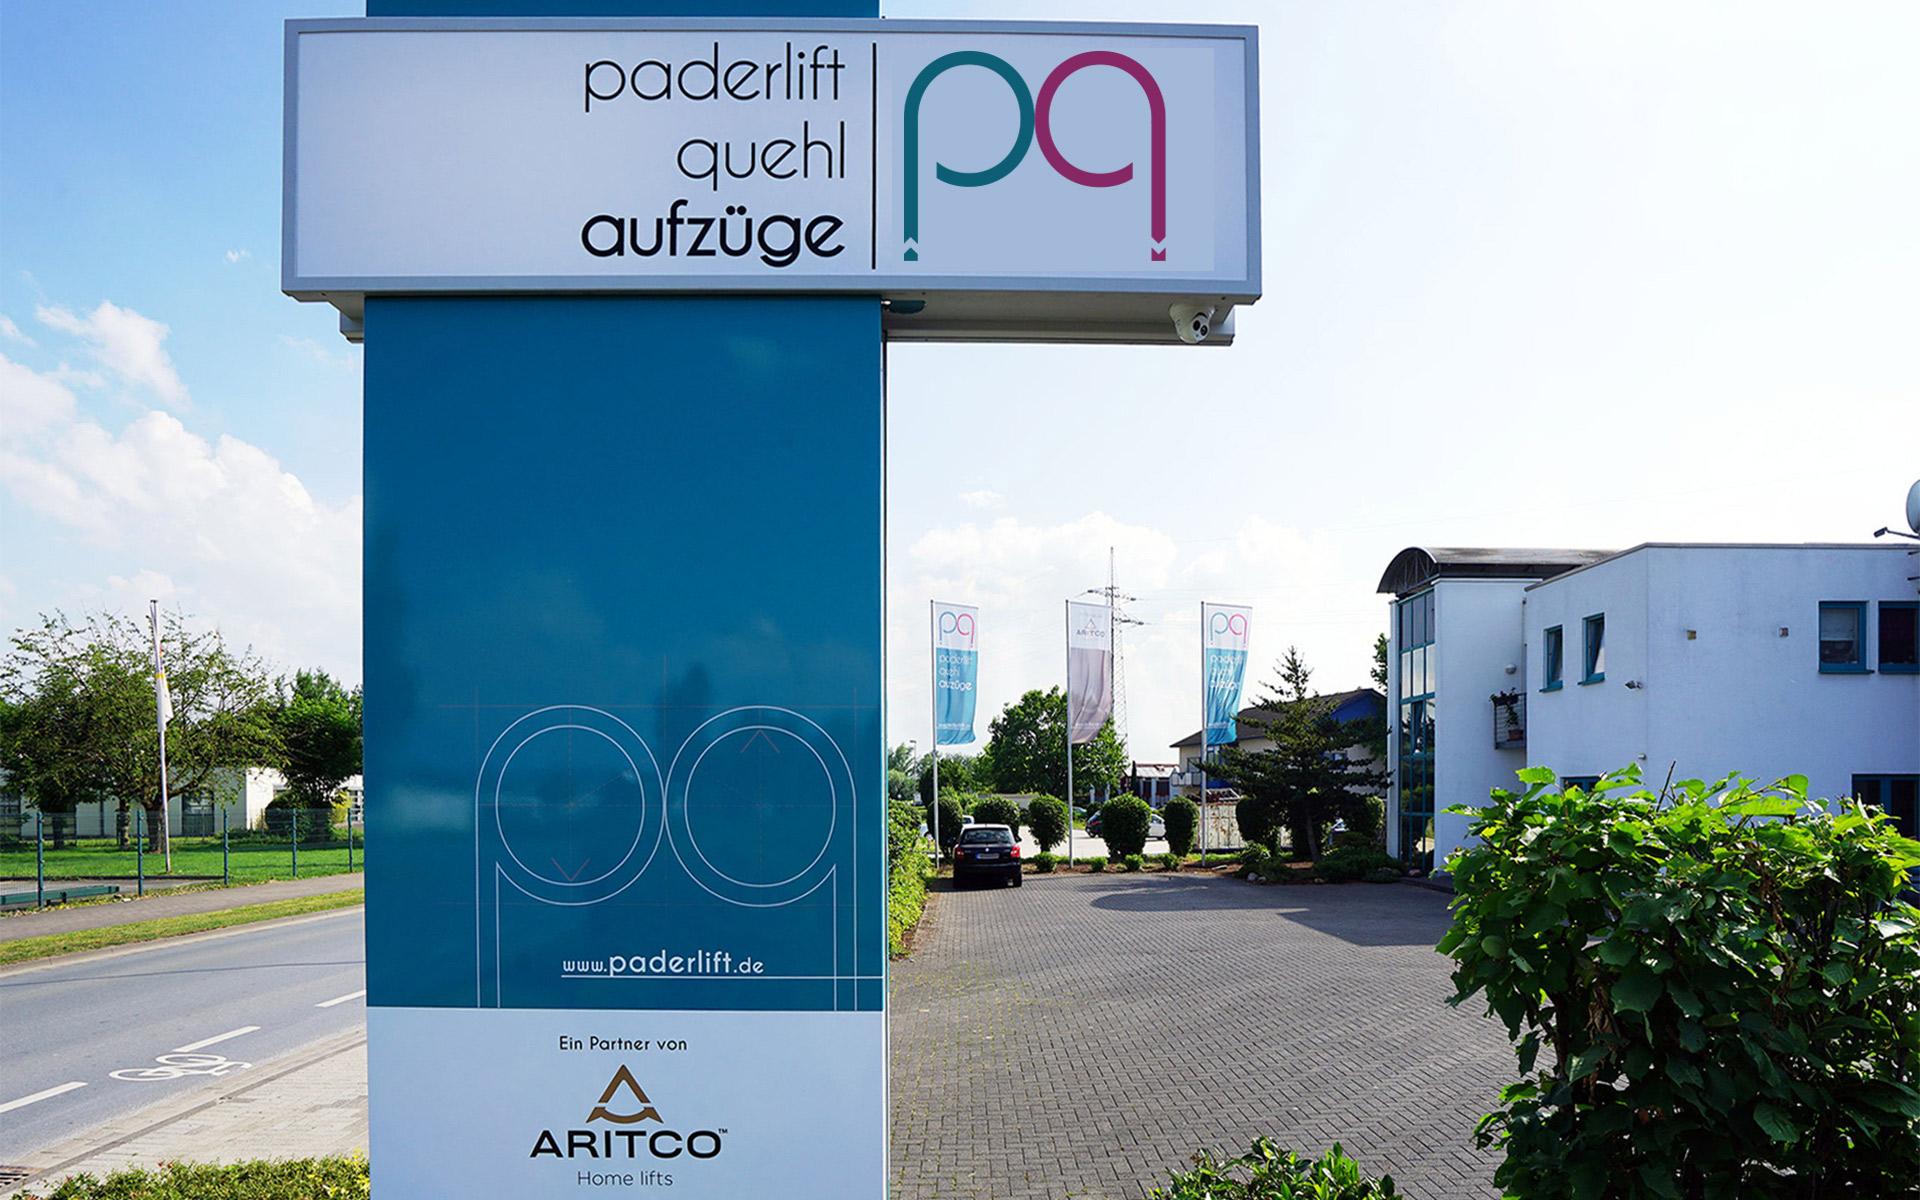 paderlift quehl aufzüge und Lifte in Salzkotten (Kreis Paderborn)